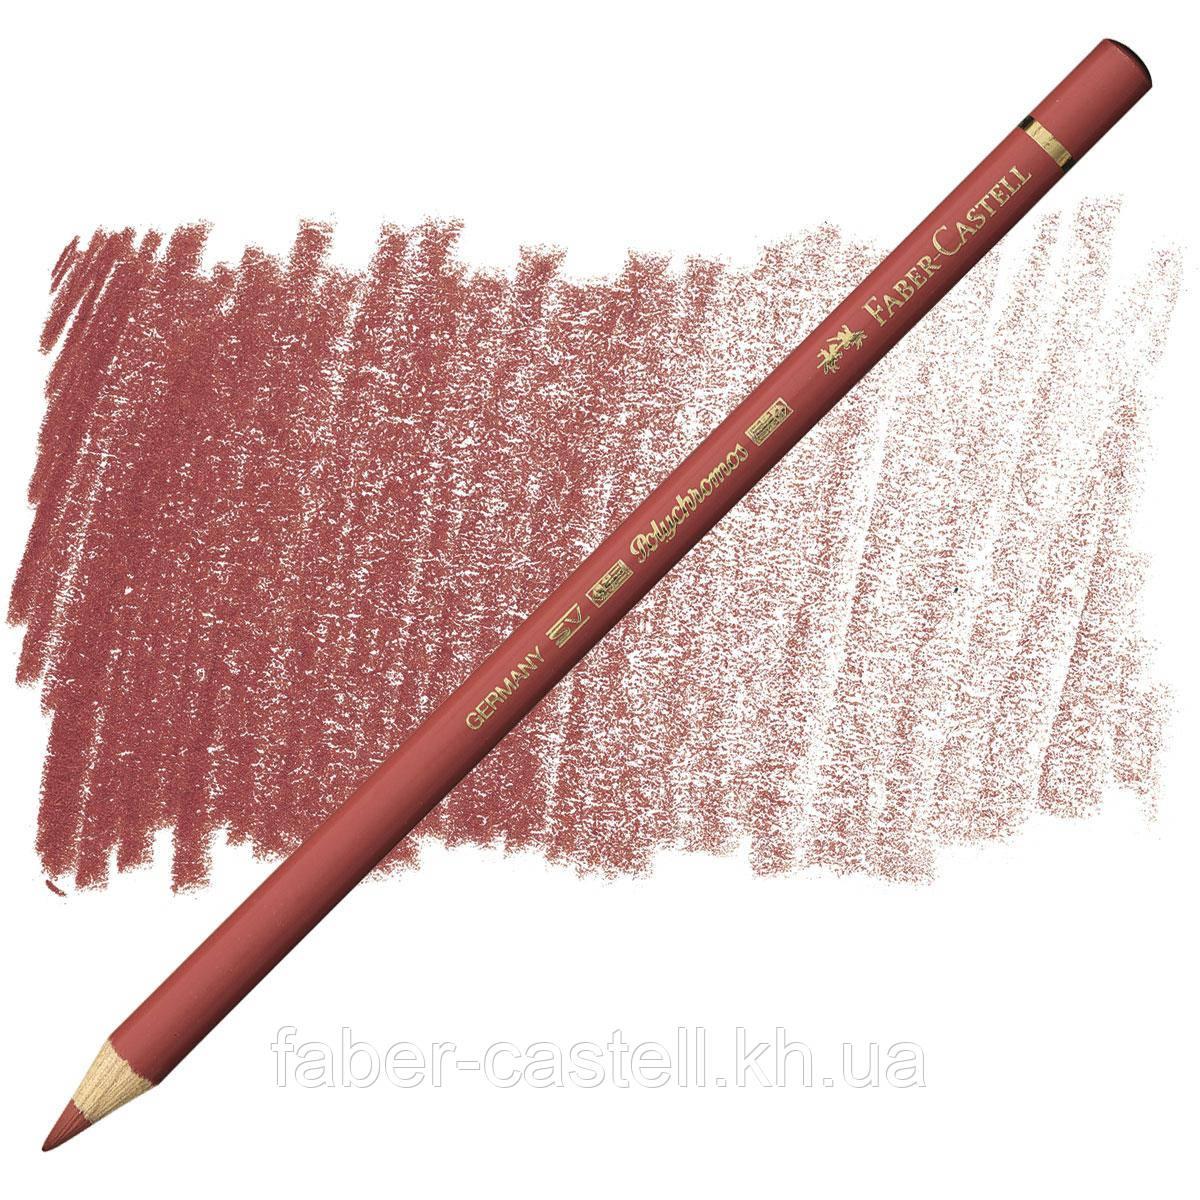 Карандаш цветной Faber-Castell POLYCHROMOS веницианский красный №190 (Venetian Red), 110190